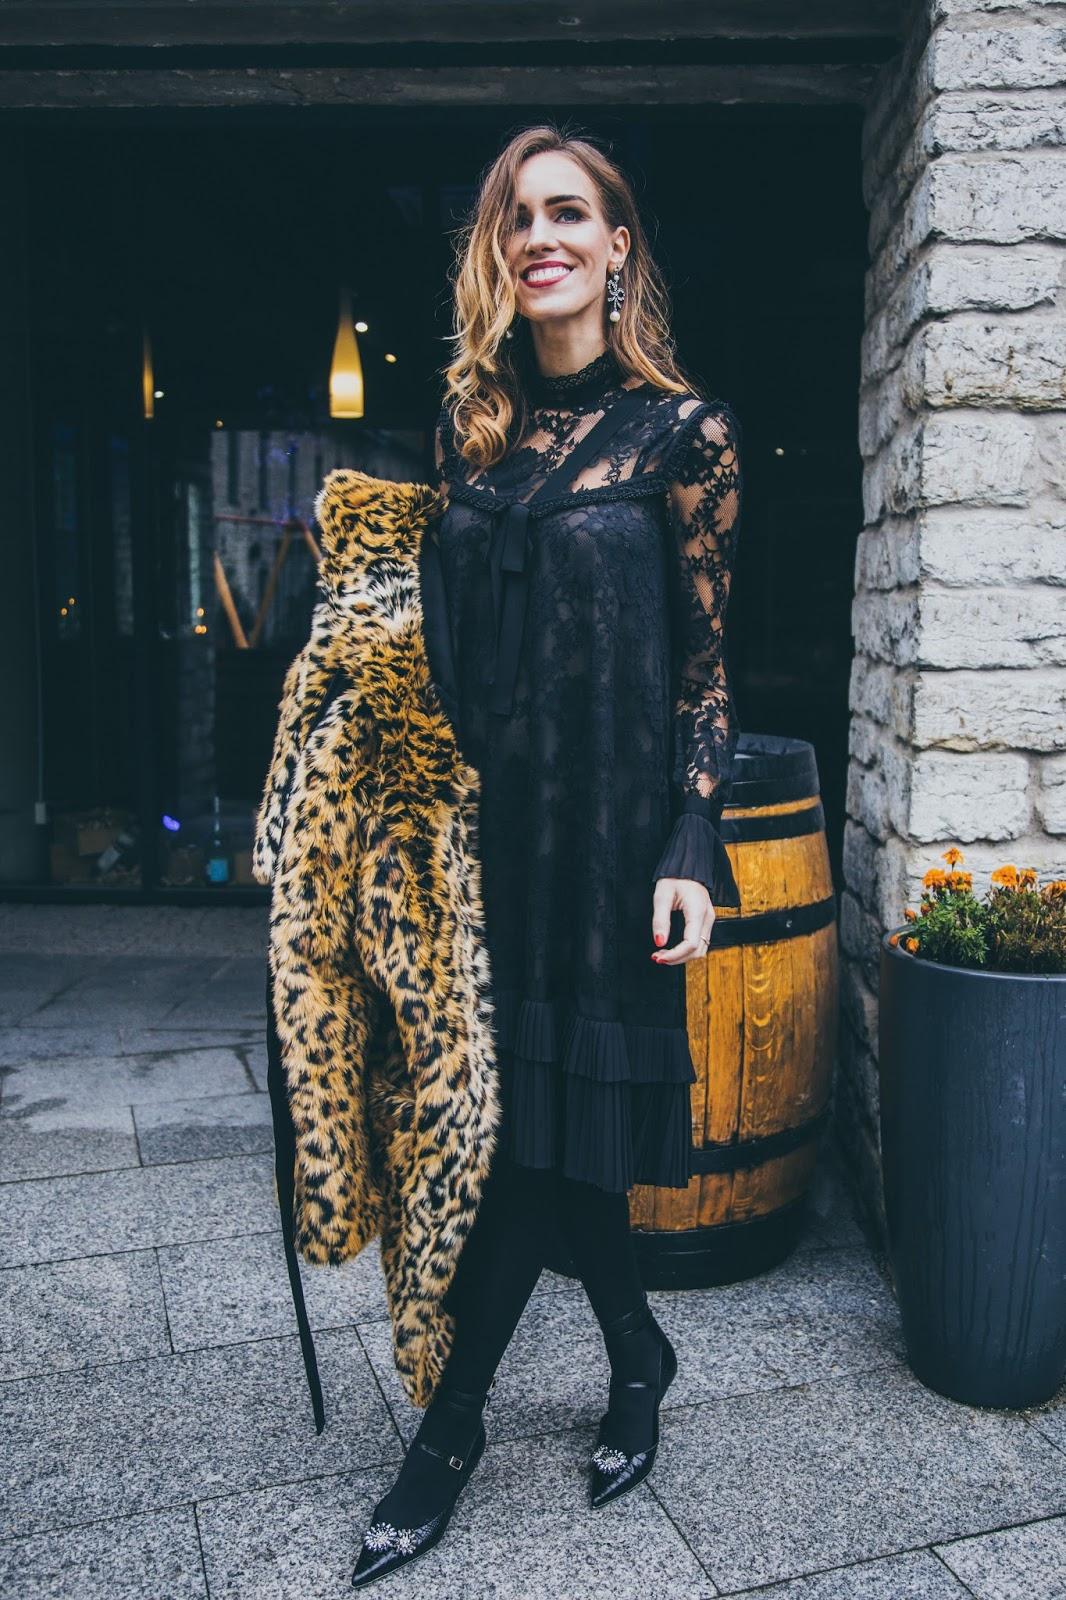 erdem x hm collaboration collection outfit black lace dress